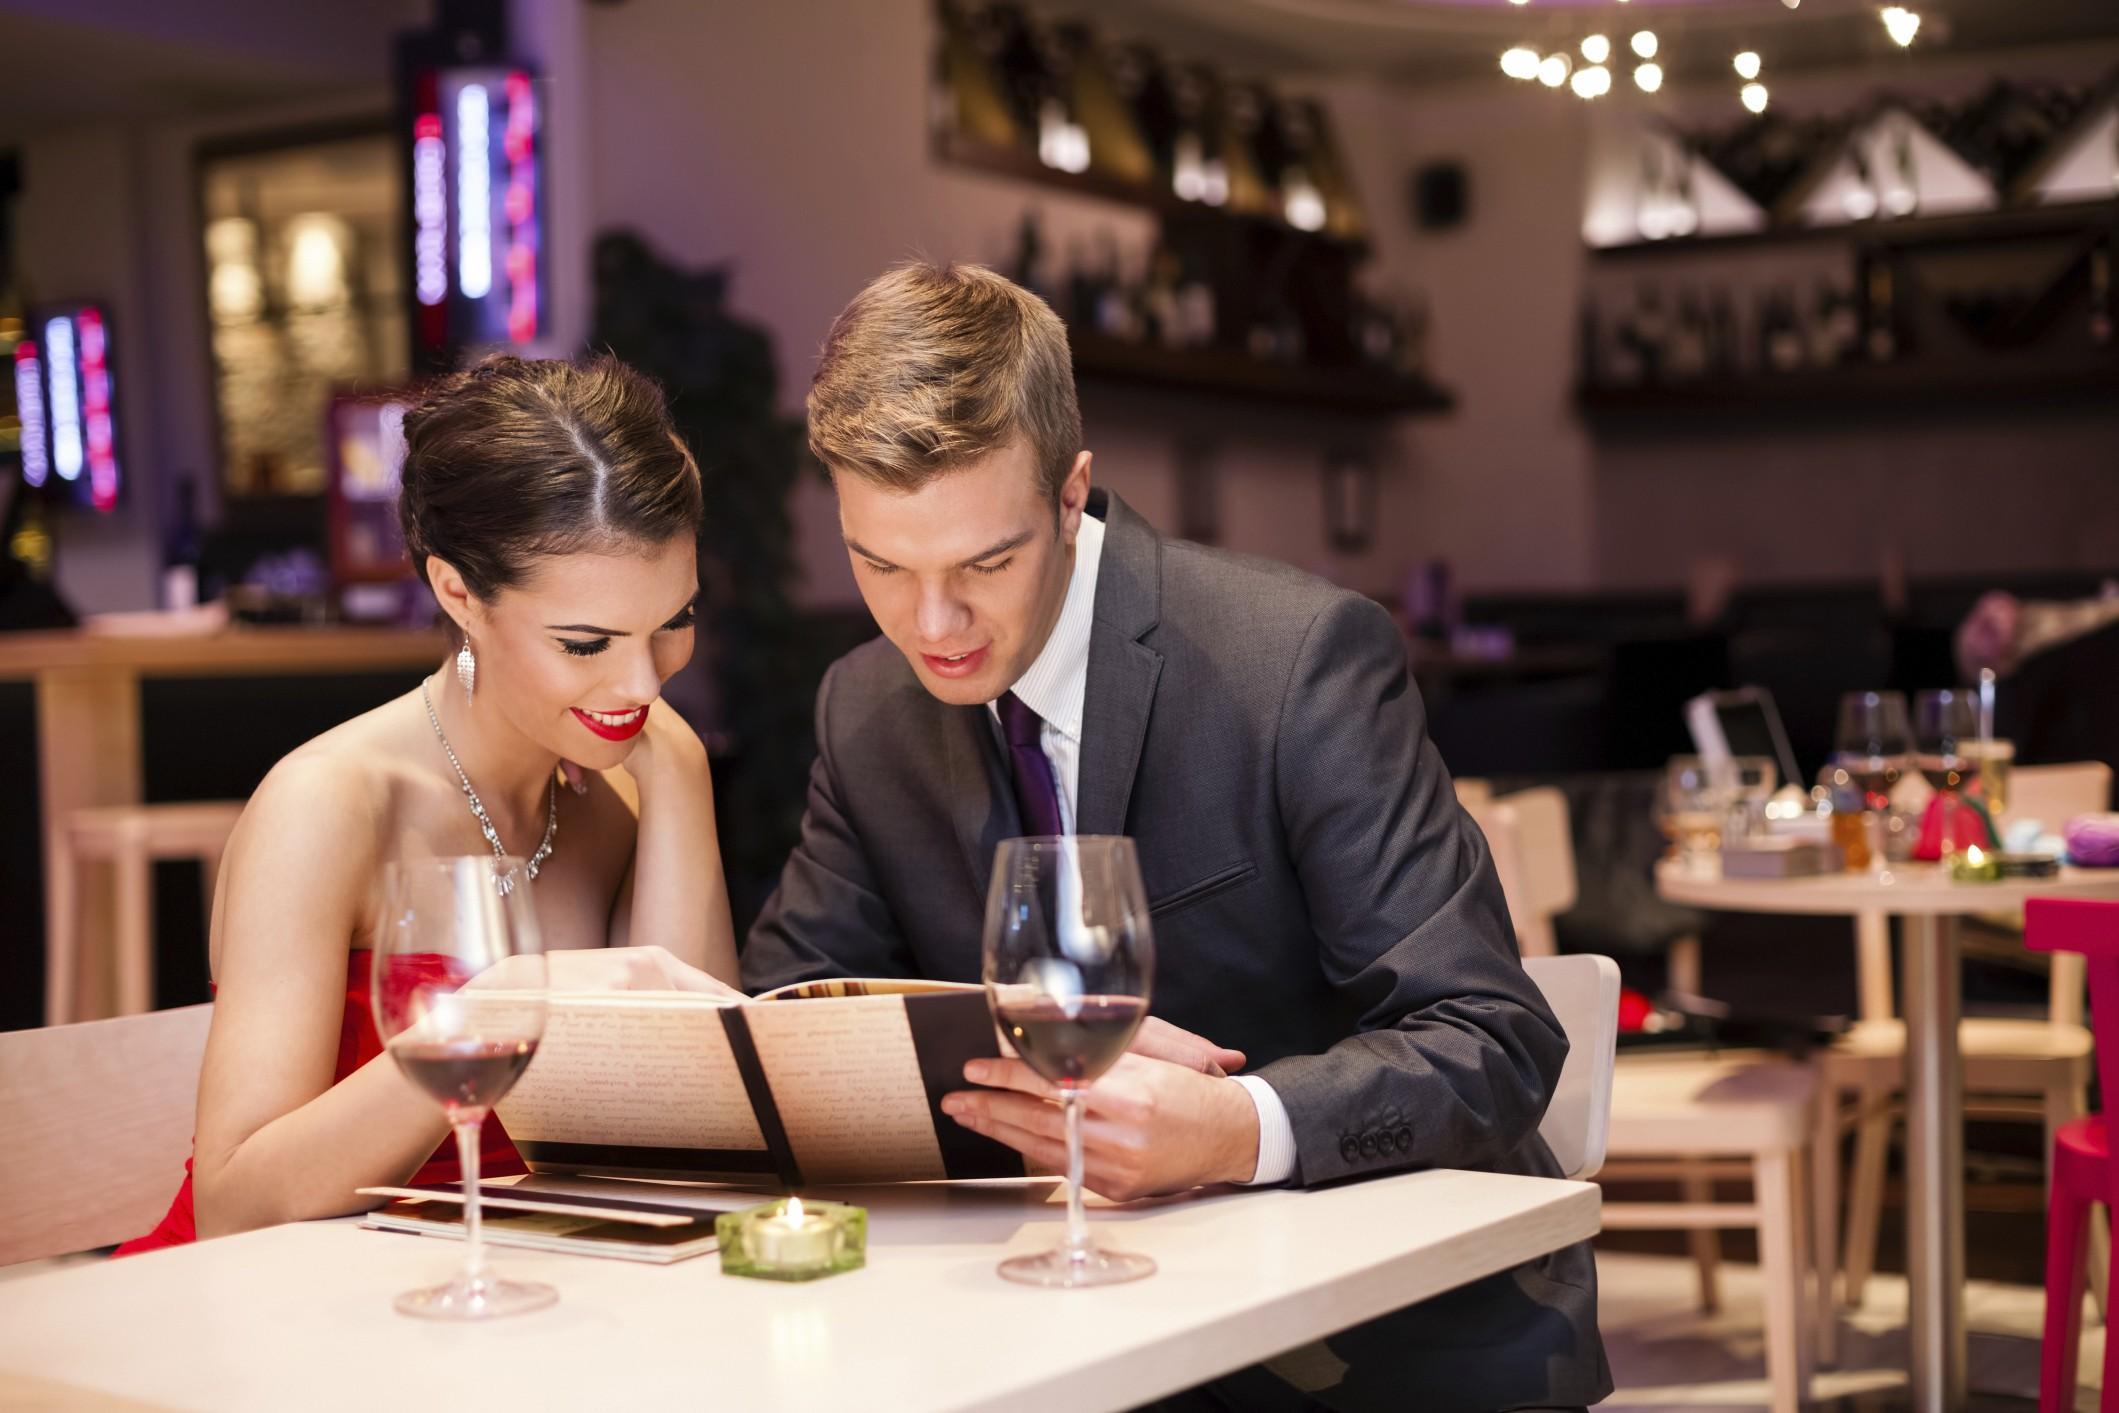 come-scegliere-il-ristorante-giusto-per-san-valentino_b312f50855ec5f2922918db21676e678